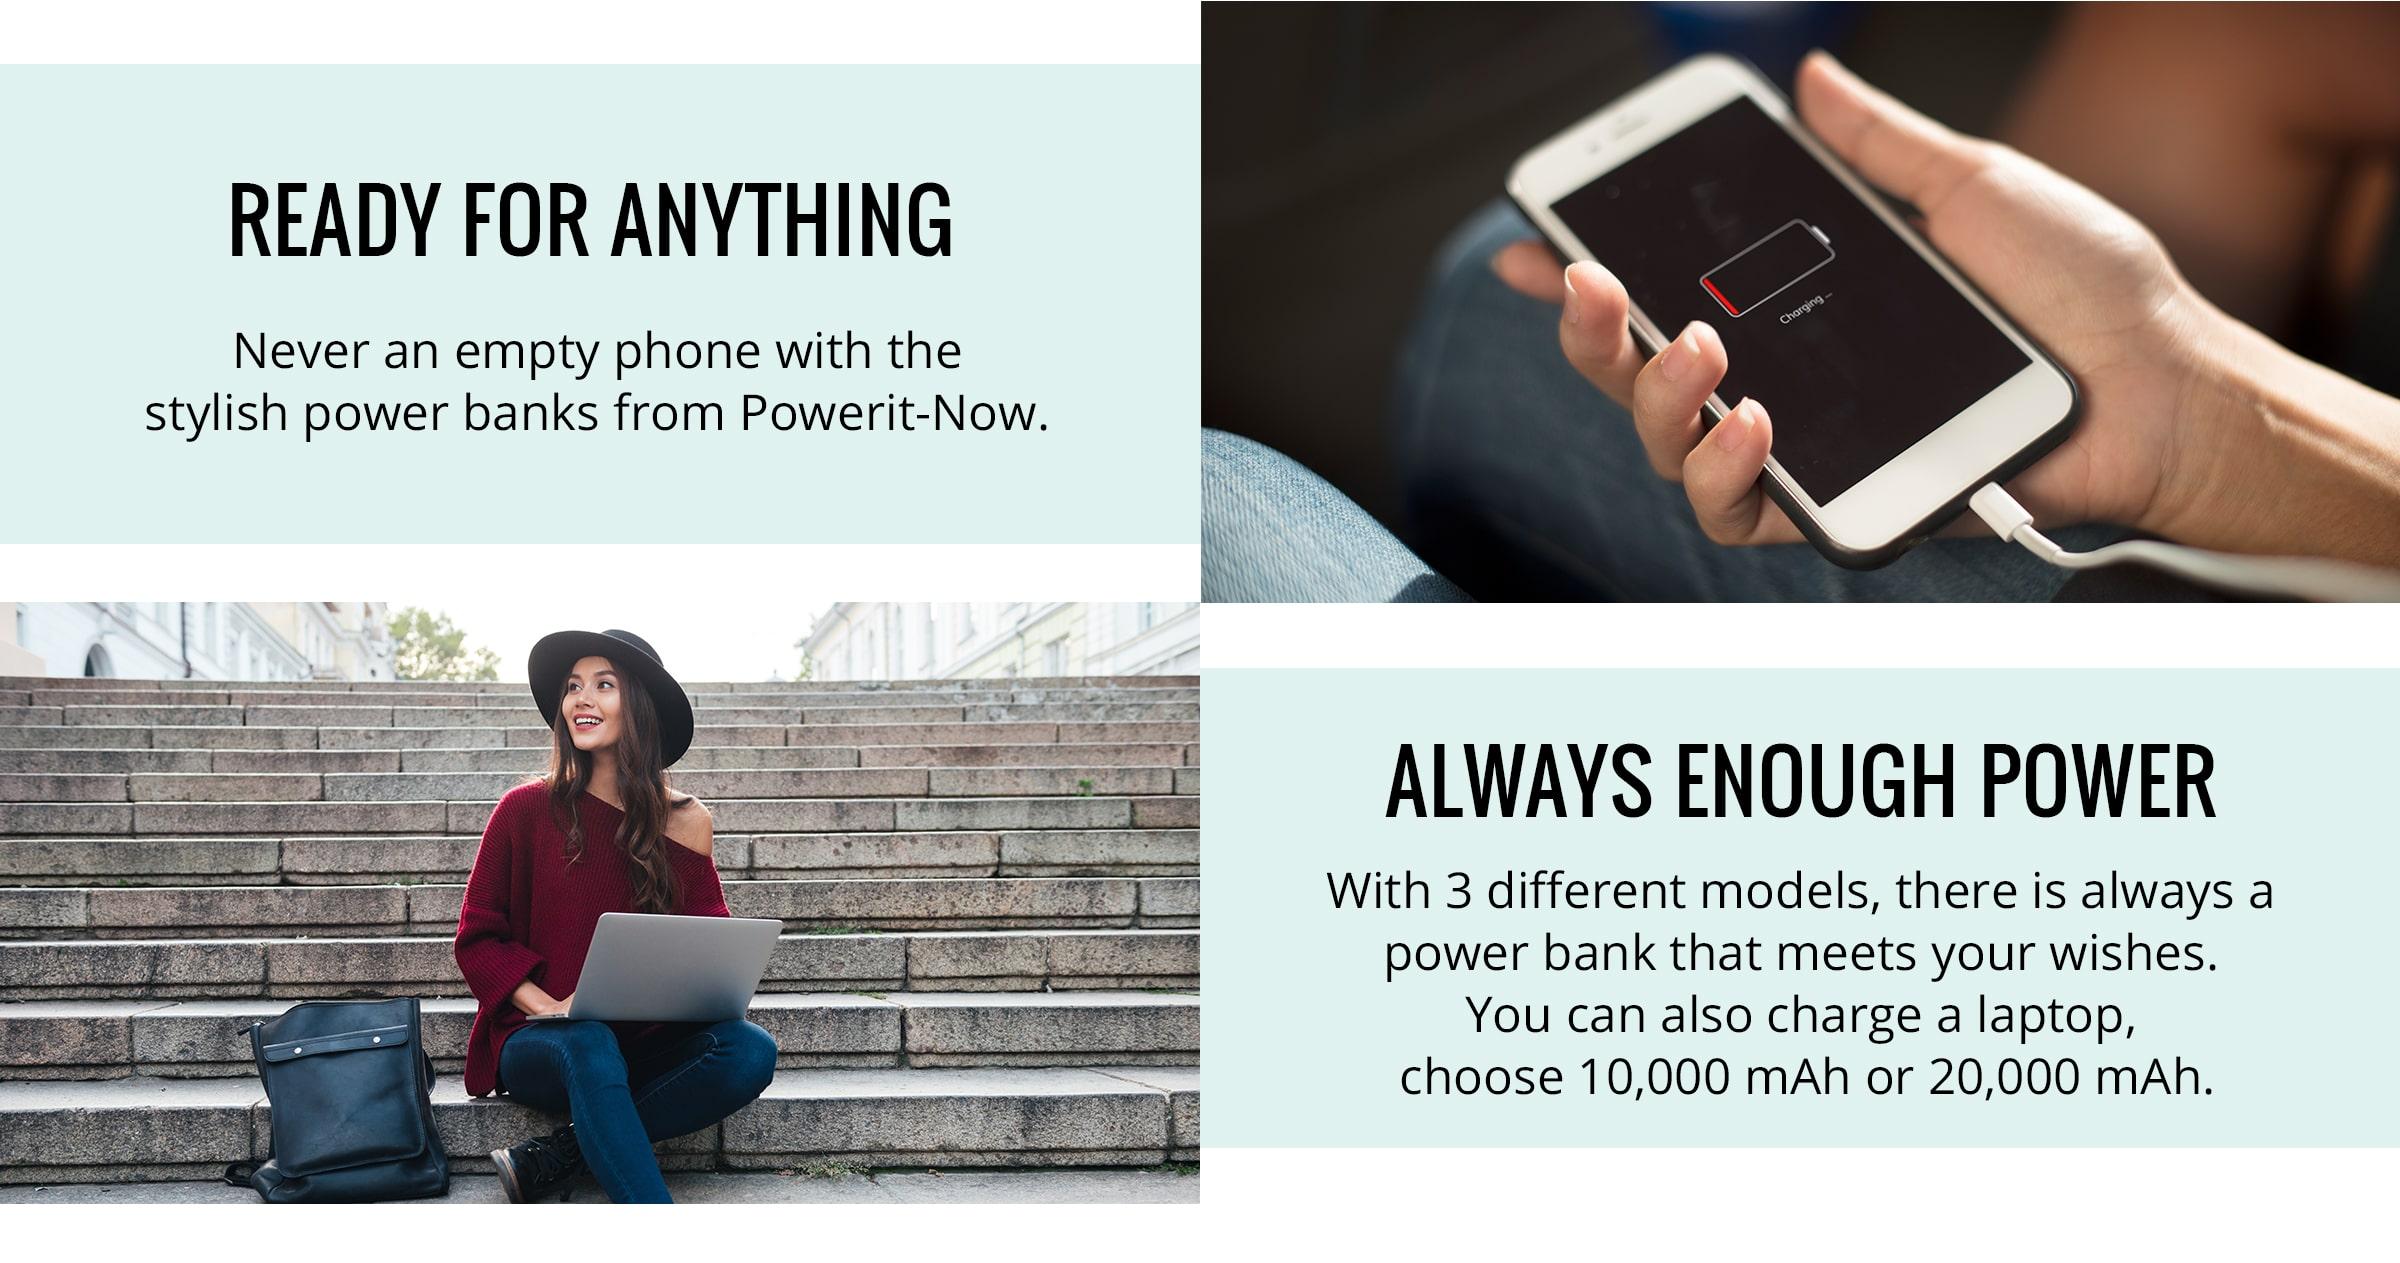 Powerit-Now